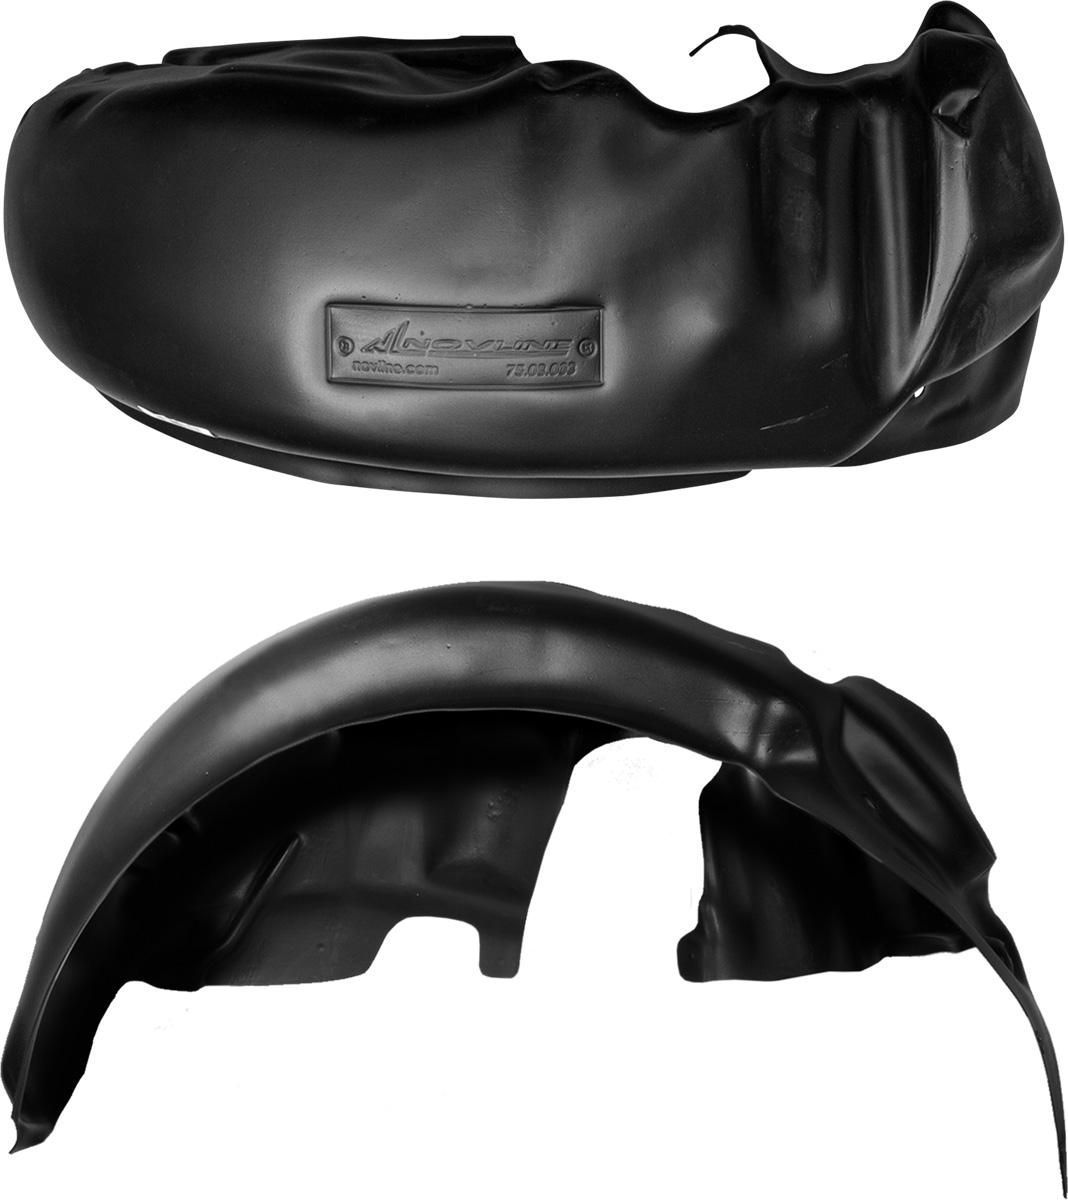 Подкрылок HYUNDAI Solaris, 2010-2014, хэтчбек, задний правыйNLL.20.42.004Колесные ниши – одни из самых уязвимых зон днища вашего автомобиля. Они постоянно подвергаются воздействию со стороны дороги. Лучшая, почти абсолютная защита для них - специально отформованные пластиковые кожухи, которые называются подкрылками, или локерами. Производятся они как для отечественных моделей автомобилей, так и для иномарок. Подкрылки выполнены из высококачественного, экологически чистого пластика. Обеспечивают надежную защиту кузова автомобиля от пескоструйного эффекта и негативного влияния, агрессивных антигололедных реагентов. Пластик обладает более низкой теплопроводностью, чем металл, поэтому в зимний период эксплуатации использование пластиковых подкрылков позволяет лучше защитить колесные ниши от налипания снега и образования наледи. Оригинальность конструкции подчеркивает элегантность автомобиля, бережно защищает нанесенное на днище кузова антикоррозийное покрытие и позволяет осуществить крепление подкрылков внутри колесной арки практически без дополнительного...